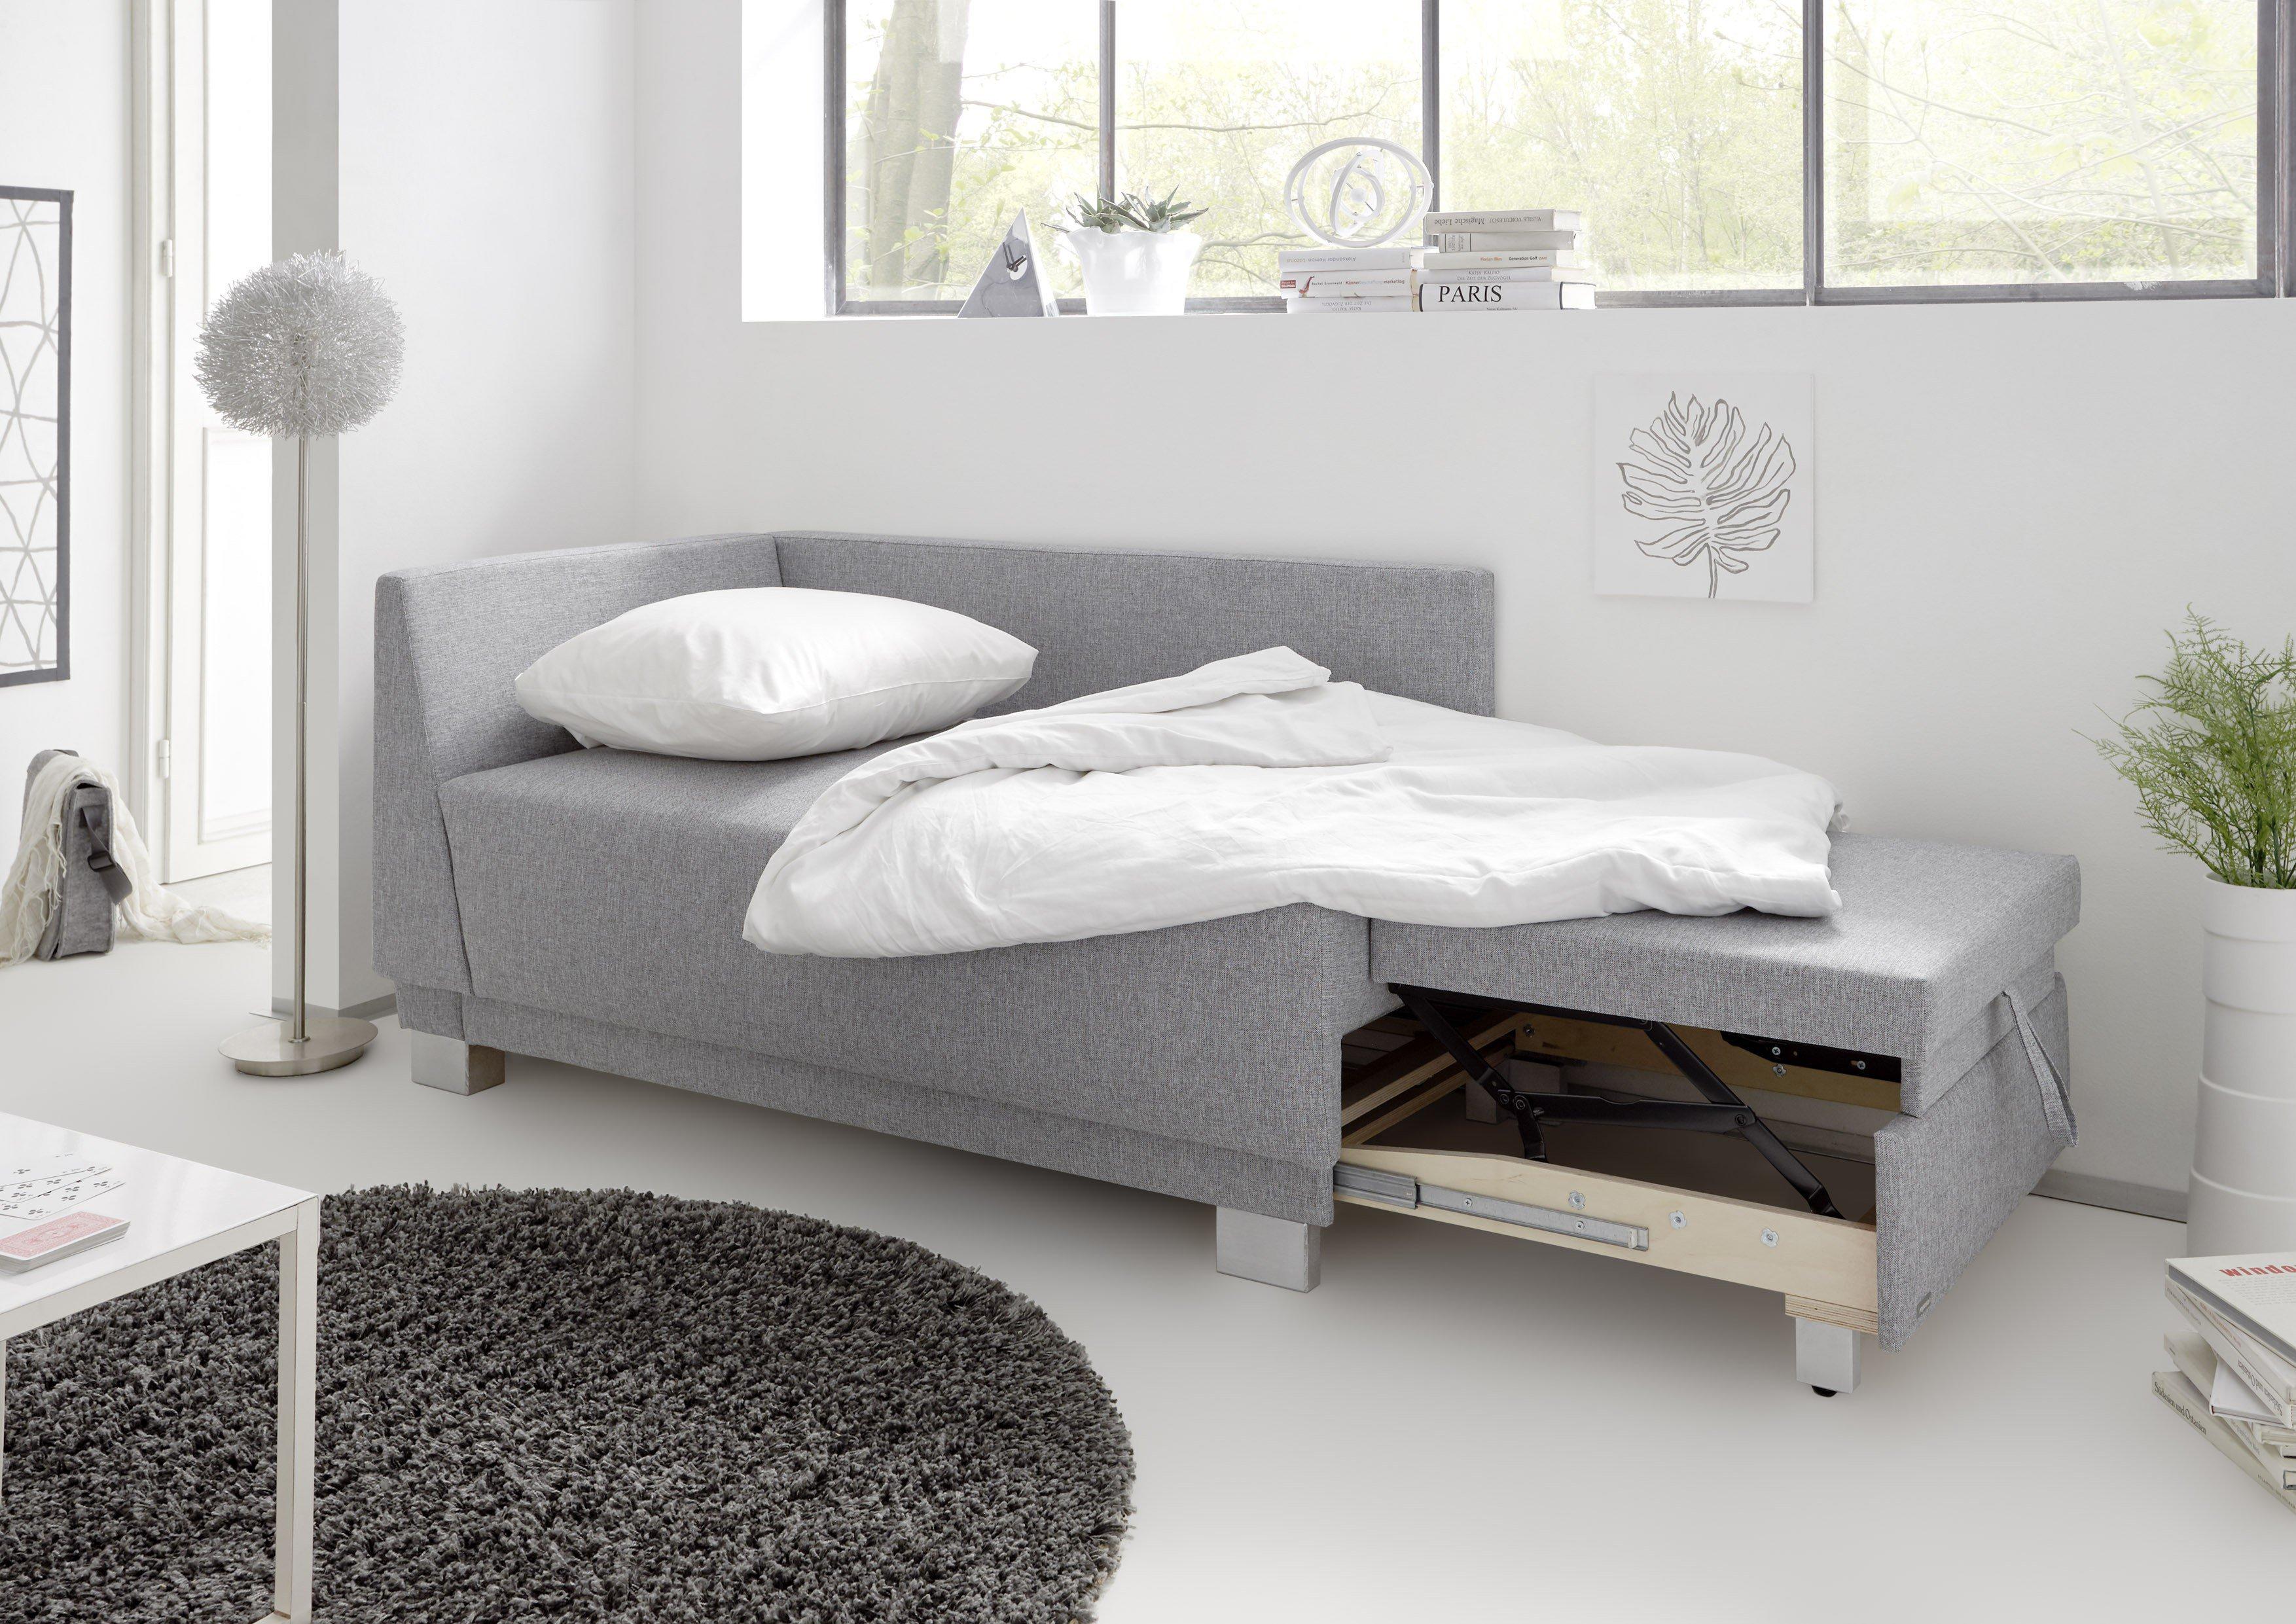 reposa polsterm bel einzelliege grau verona m mit bettkasten m bel letz online shop. Black Bedroom Furniture Sets. Home Design Ideas